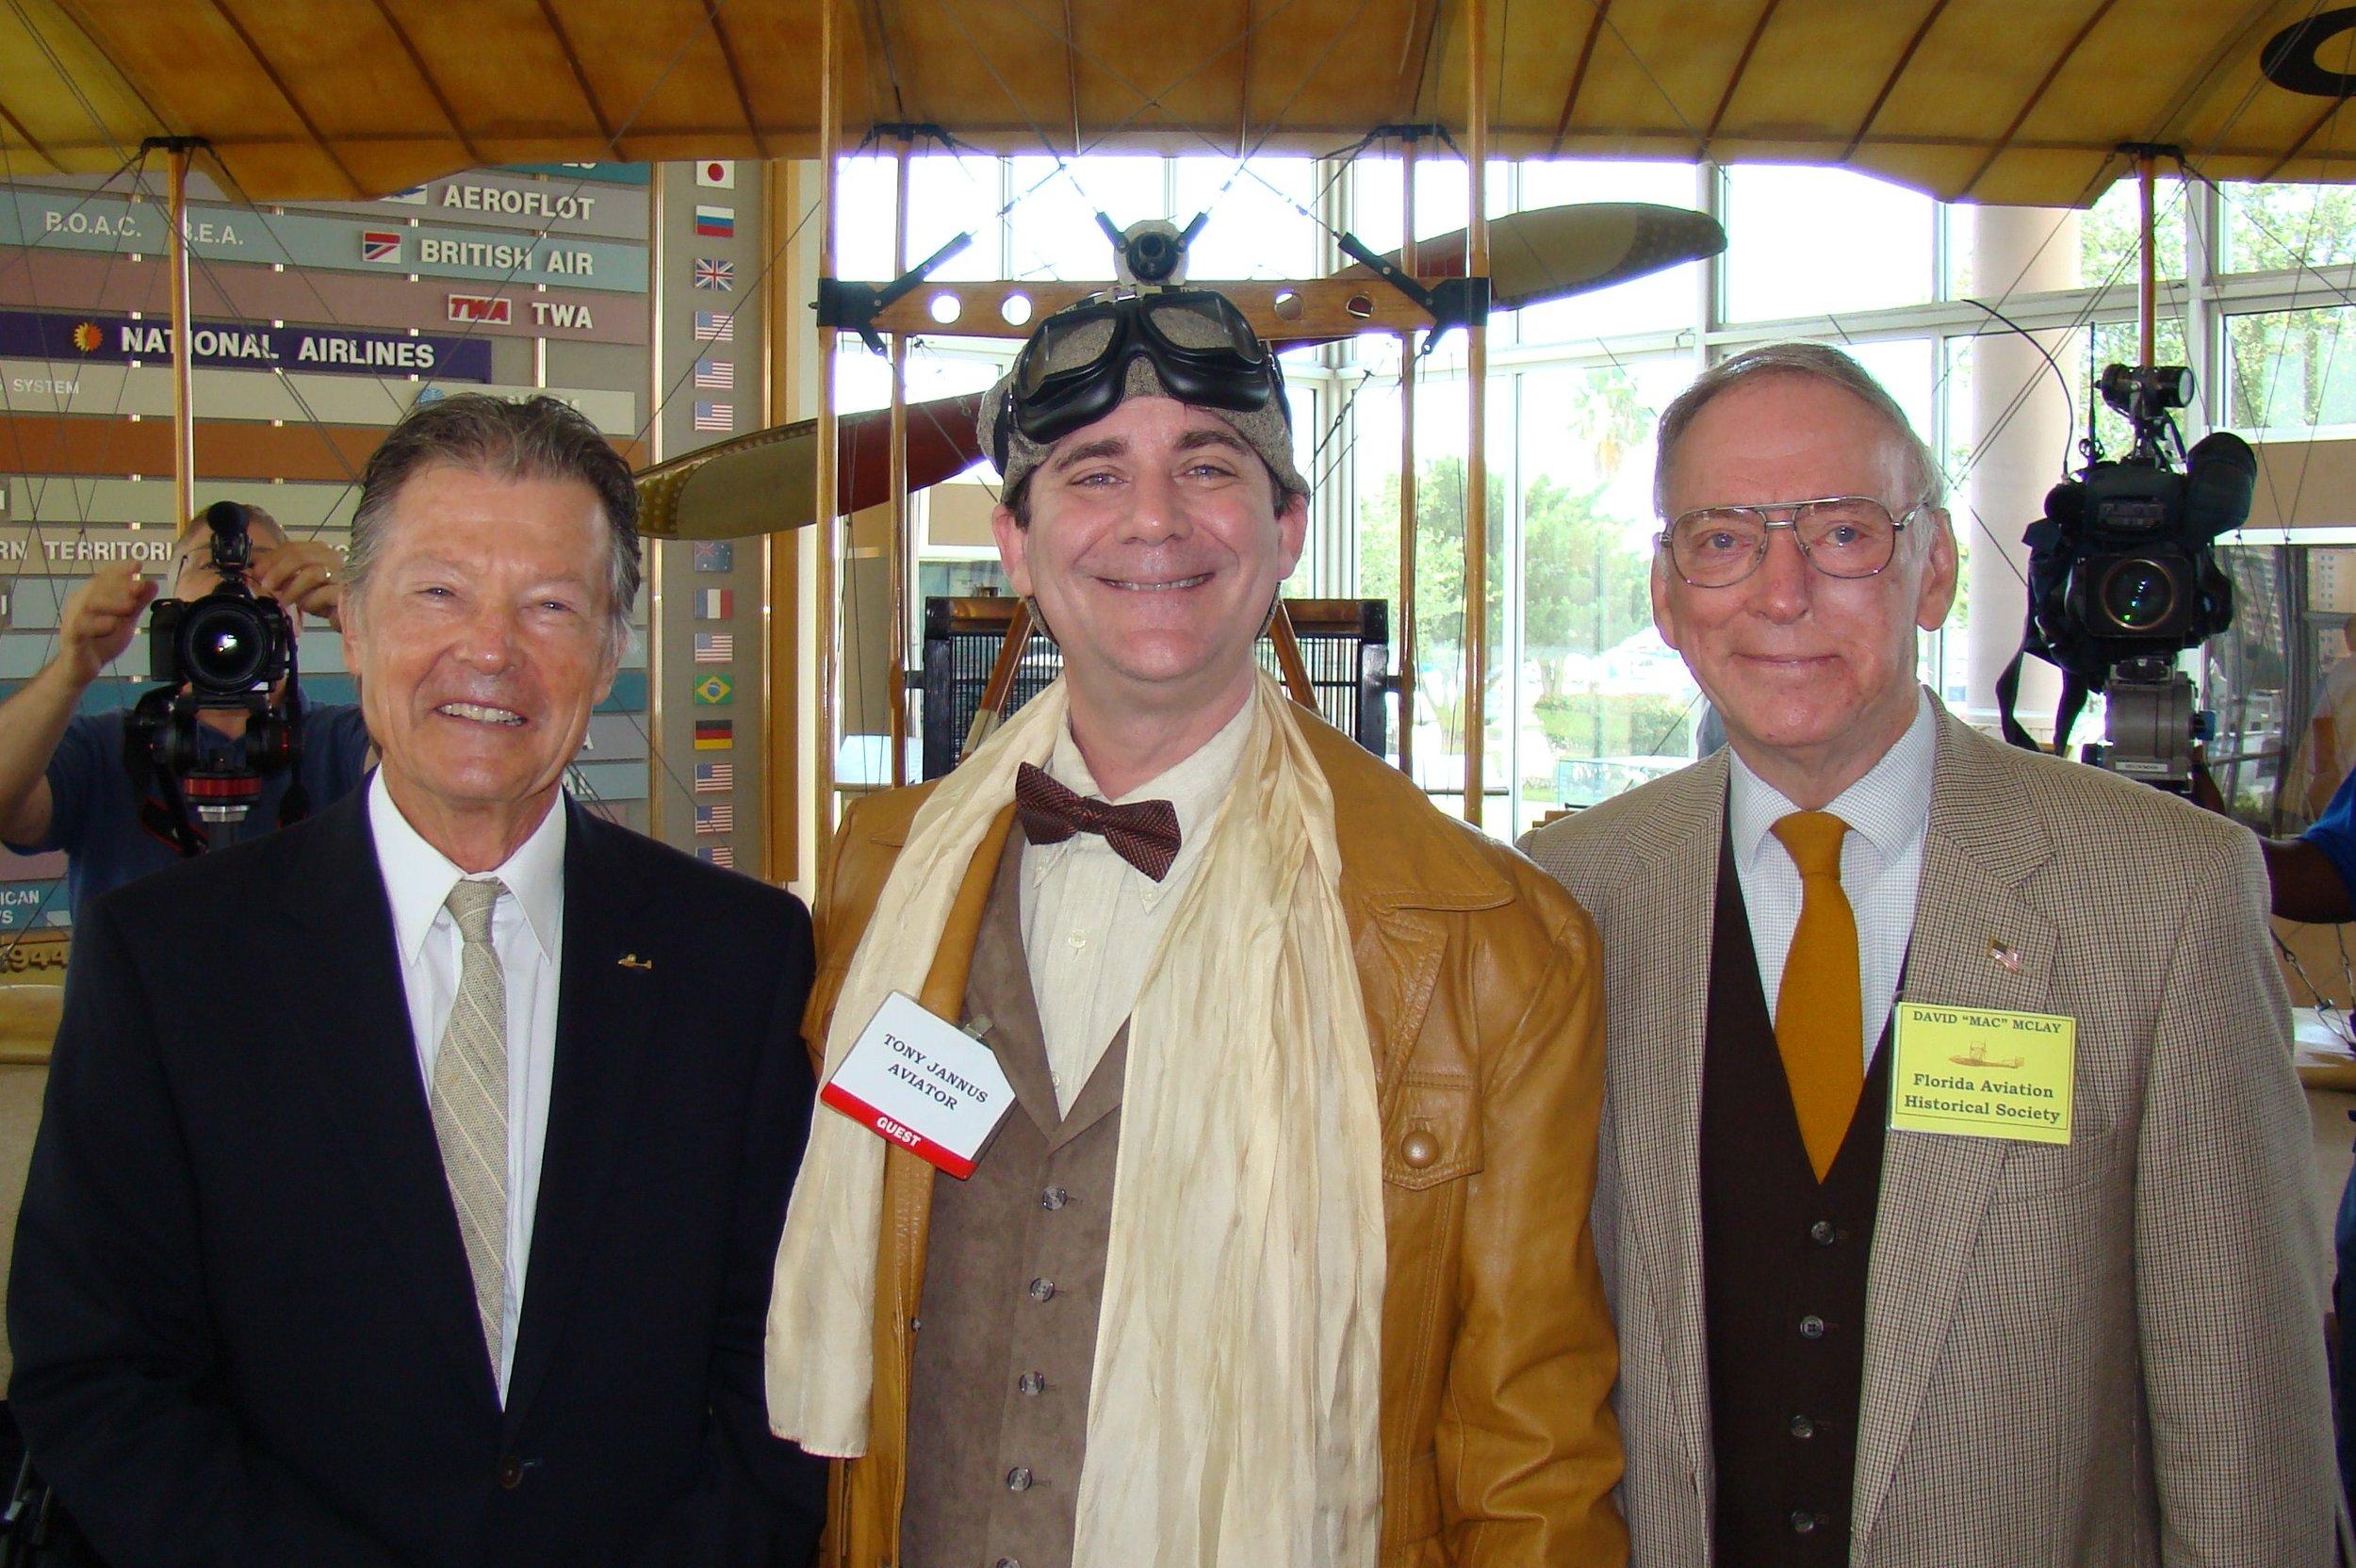 Al Michejda, Tony Jannus & David McLay, 14 Jun '12.JPG